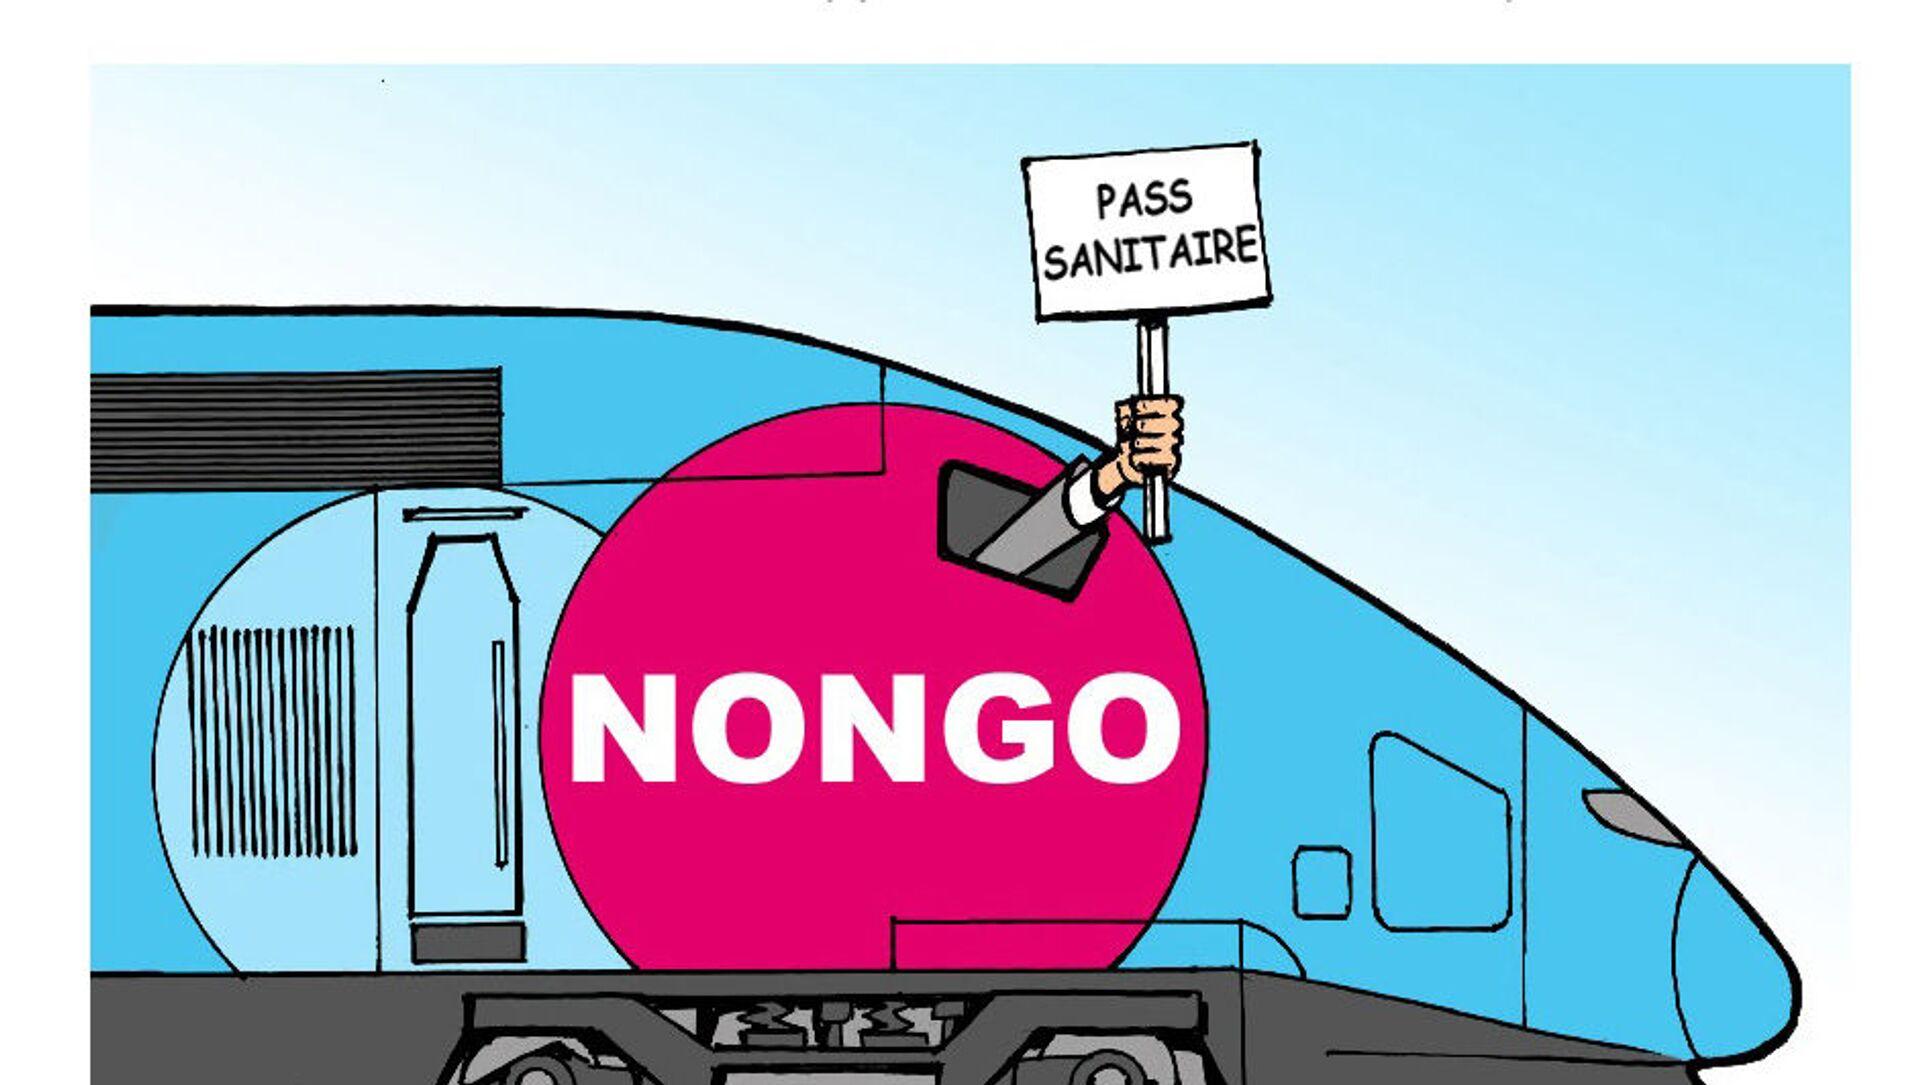 Pass sanitaire: SUD-Rail appelle les cheminots à ne pas contrôler   - Sputnik France, 1920, 27.07.2021